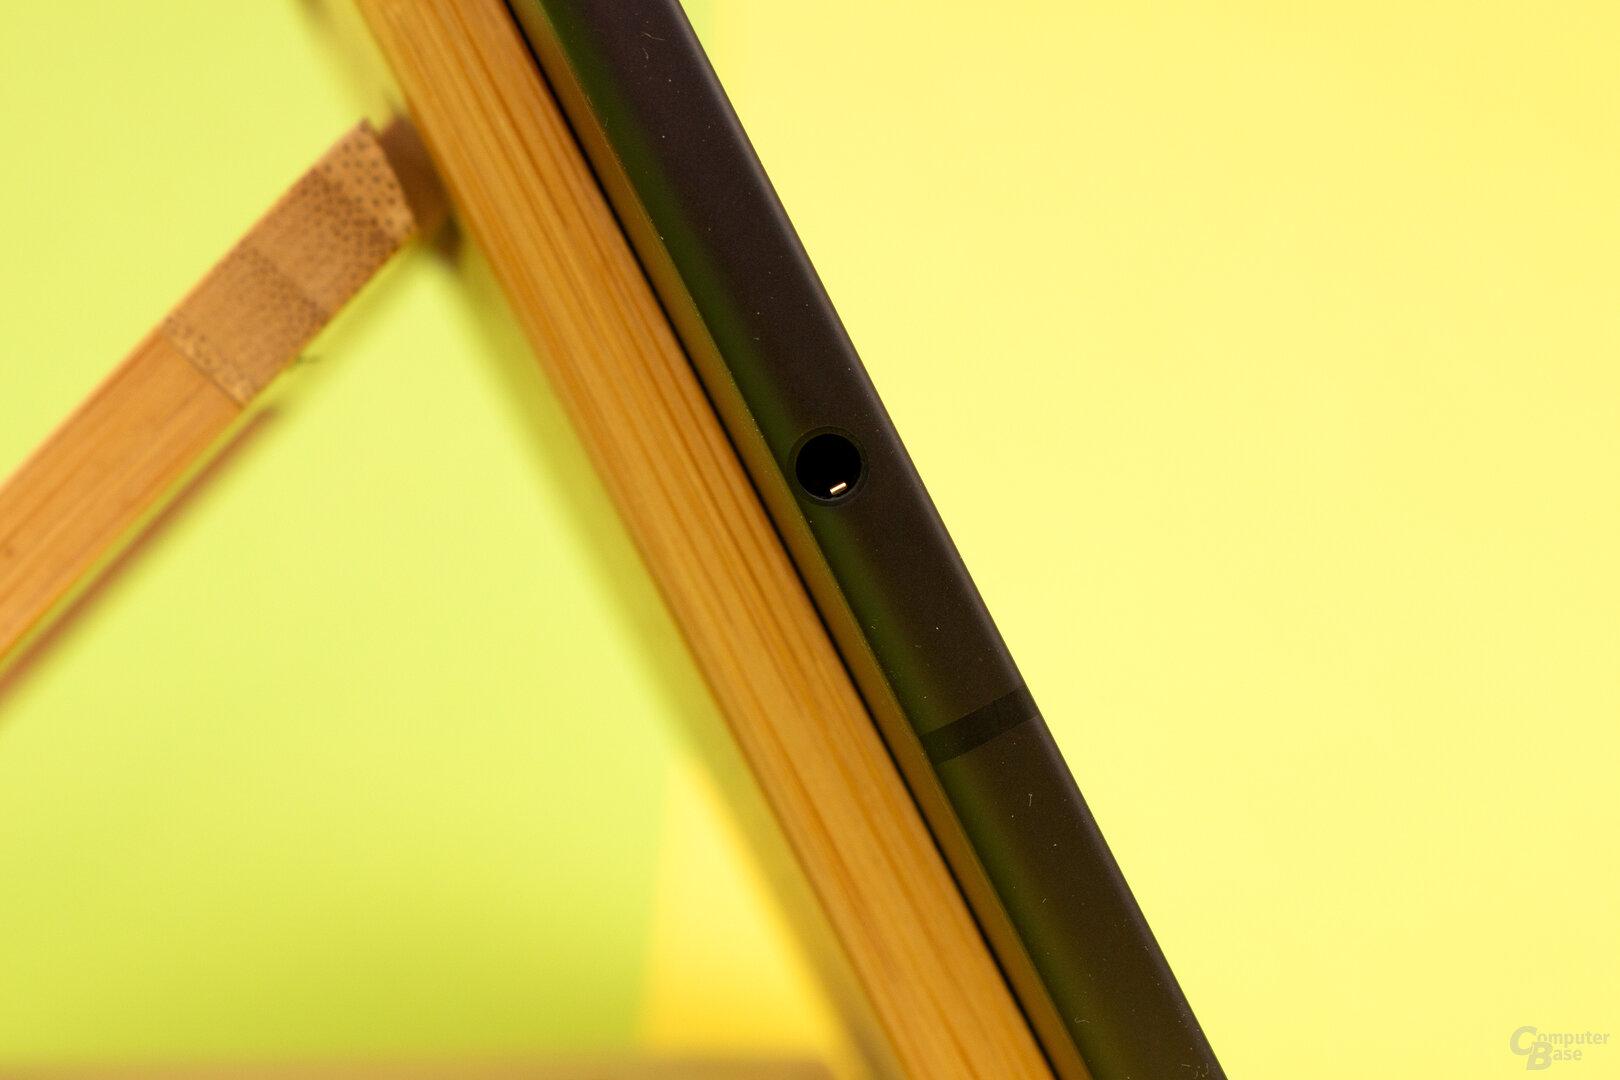 Das Galaxy Tab S6 Lite verfügt gegenüber dem S6 über einen Kopfhöreranschluss